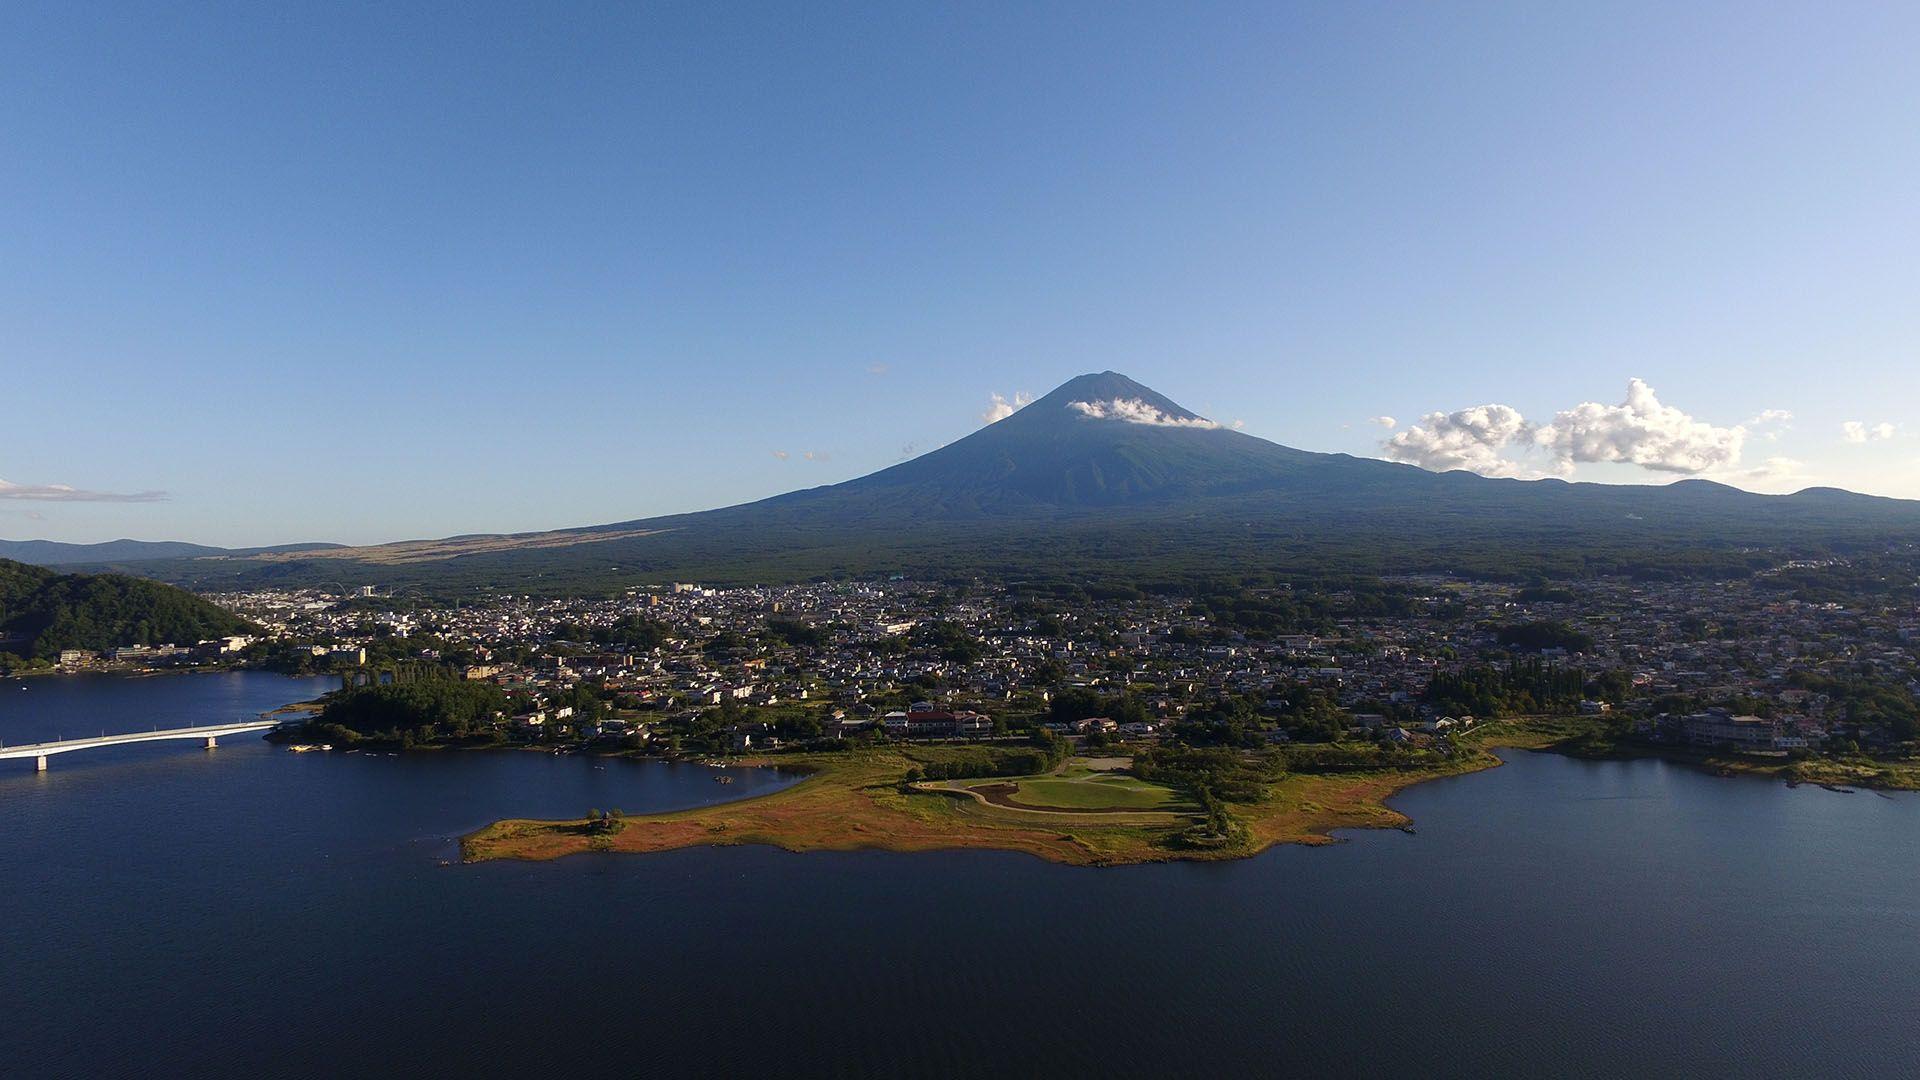 A Kawaguchi-tó a Fuji-hegy lábánál elterülő 5 tó közül a legnagyobb